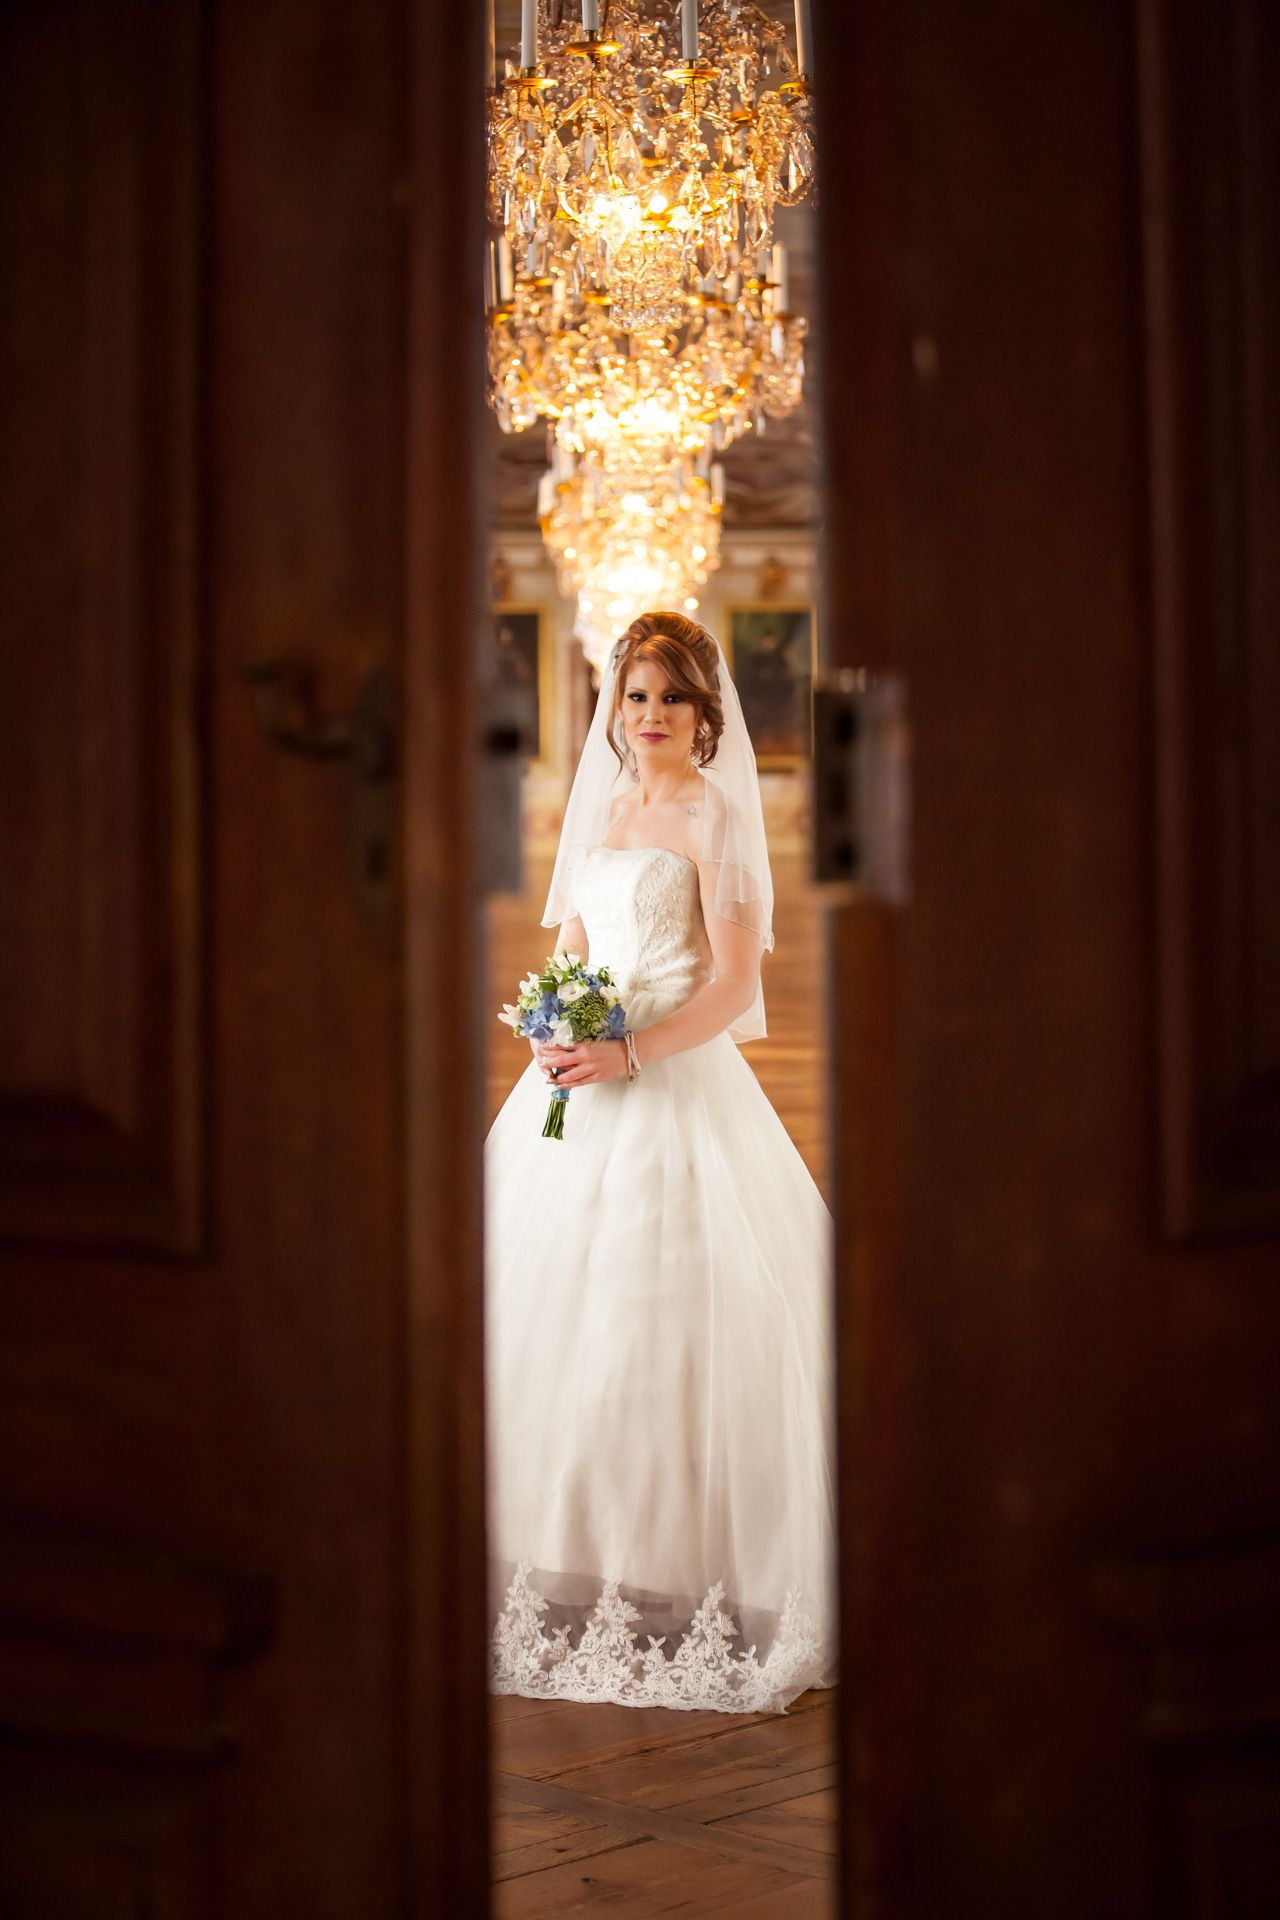 Hochzeit Barockschloss Ludwigsburg Kreative Hochzeitsfotografie Hochzeit Hochzeit Bilder